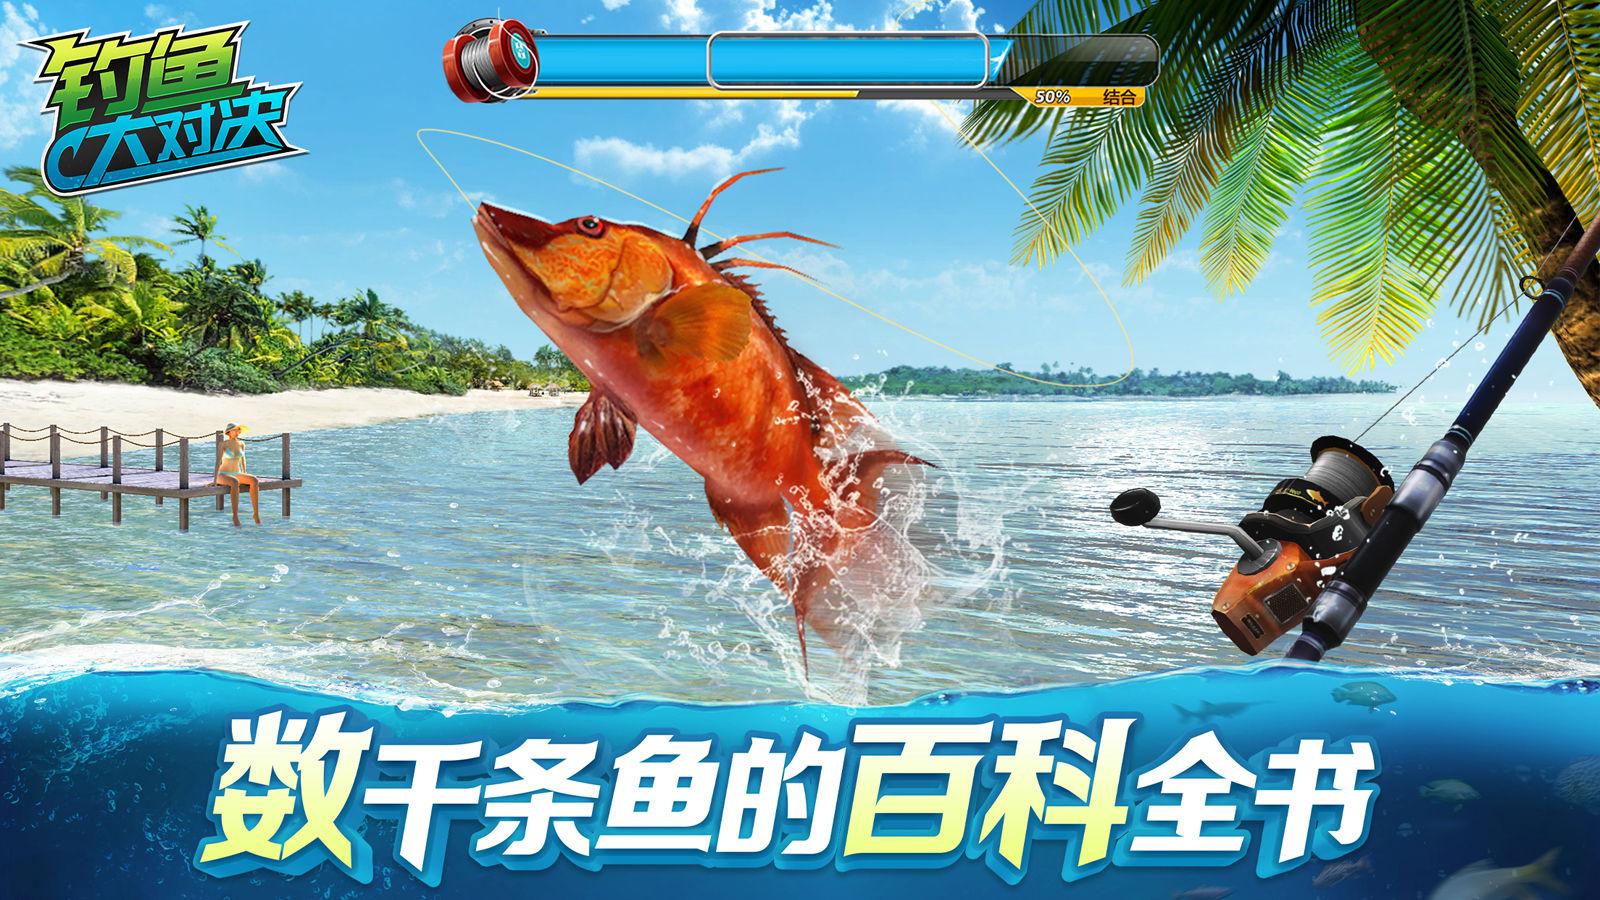 钓鱼大对决ios怎么在电脑上玩 用模拟器玩钓鱼大对决ios电脑版